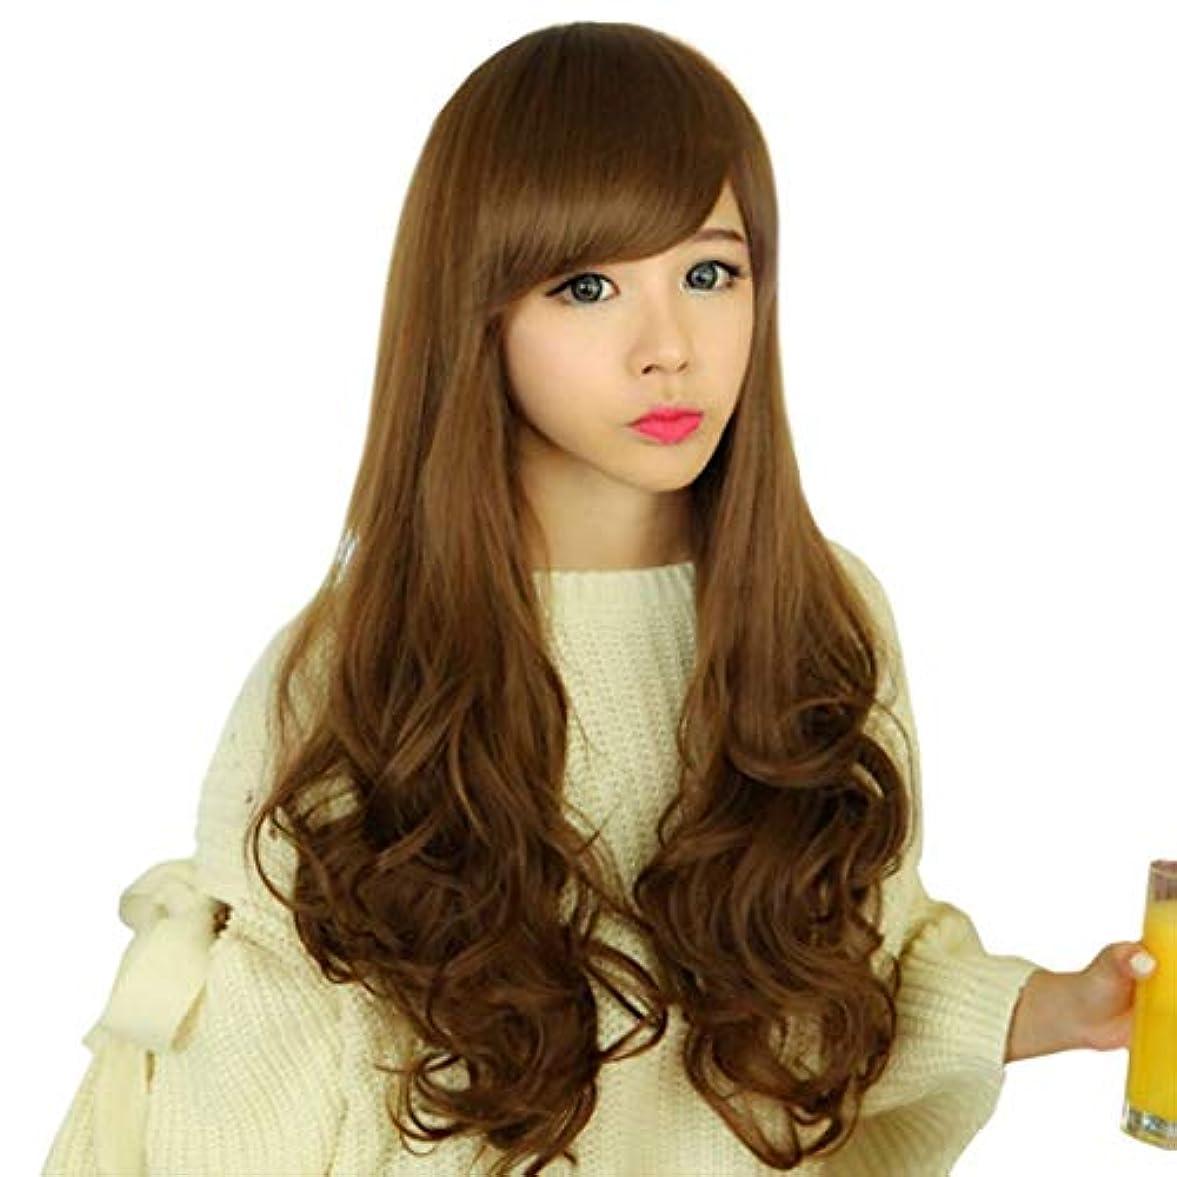 侮辱チョップ通信するSummerys 女性の女の子を探している天然前髪付きの長い波状の合成かつら